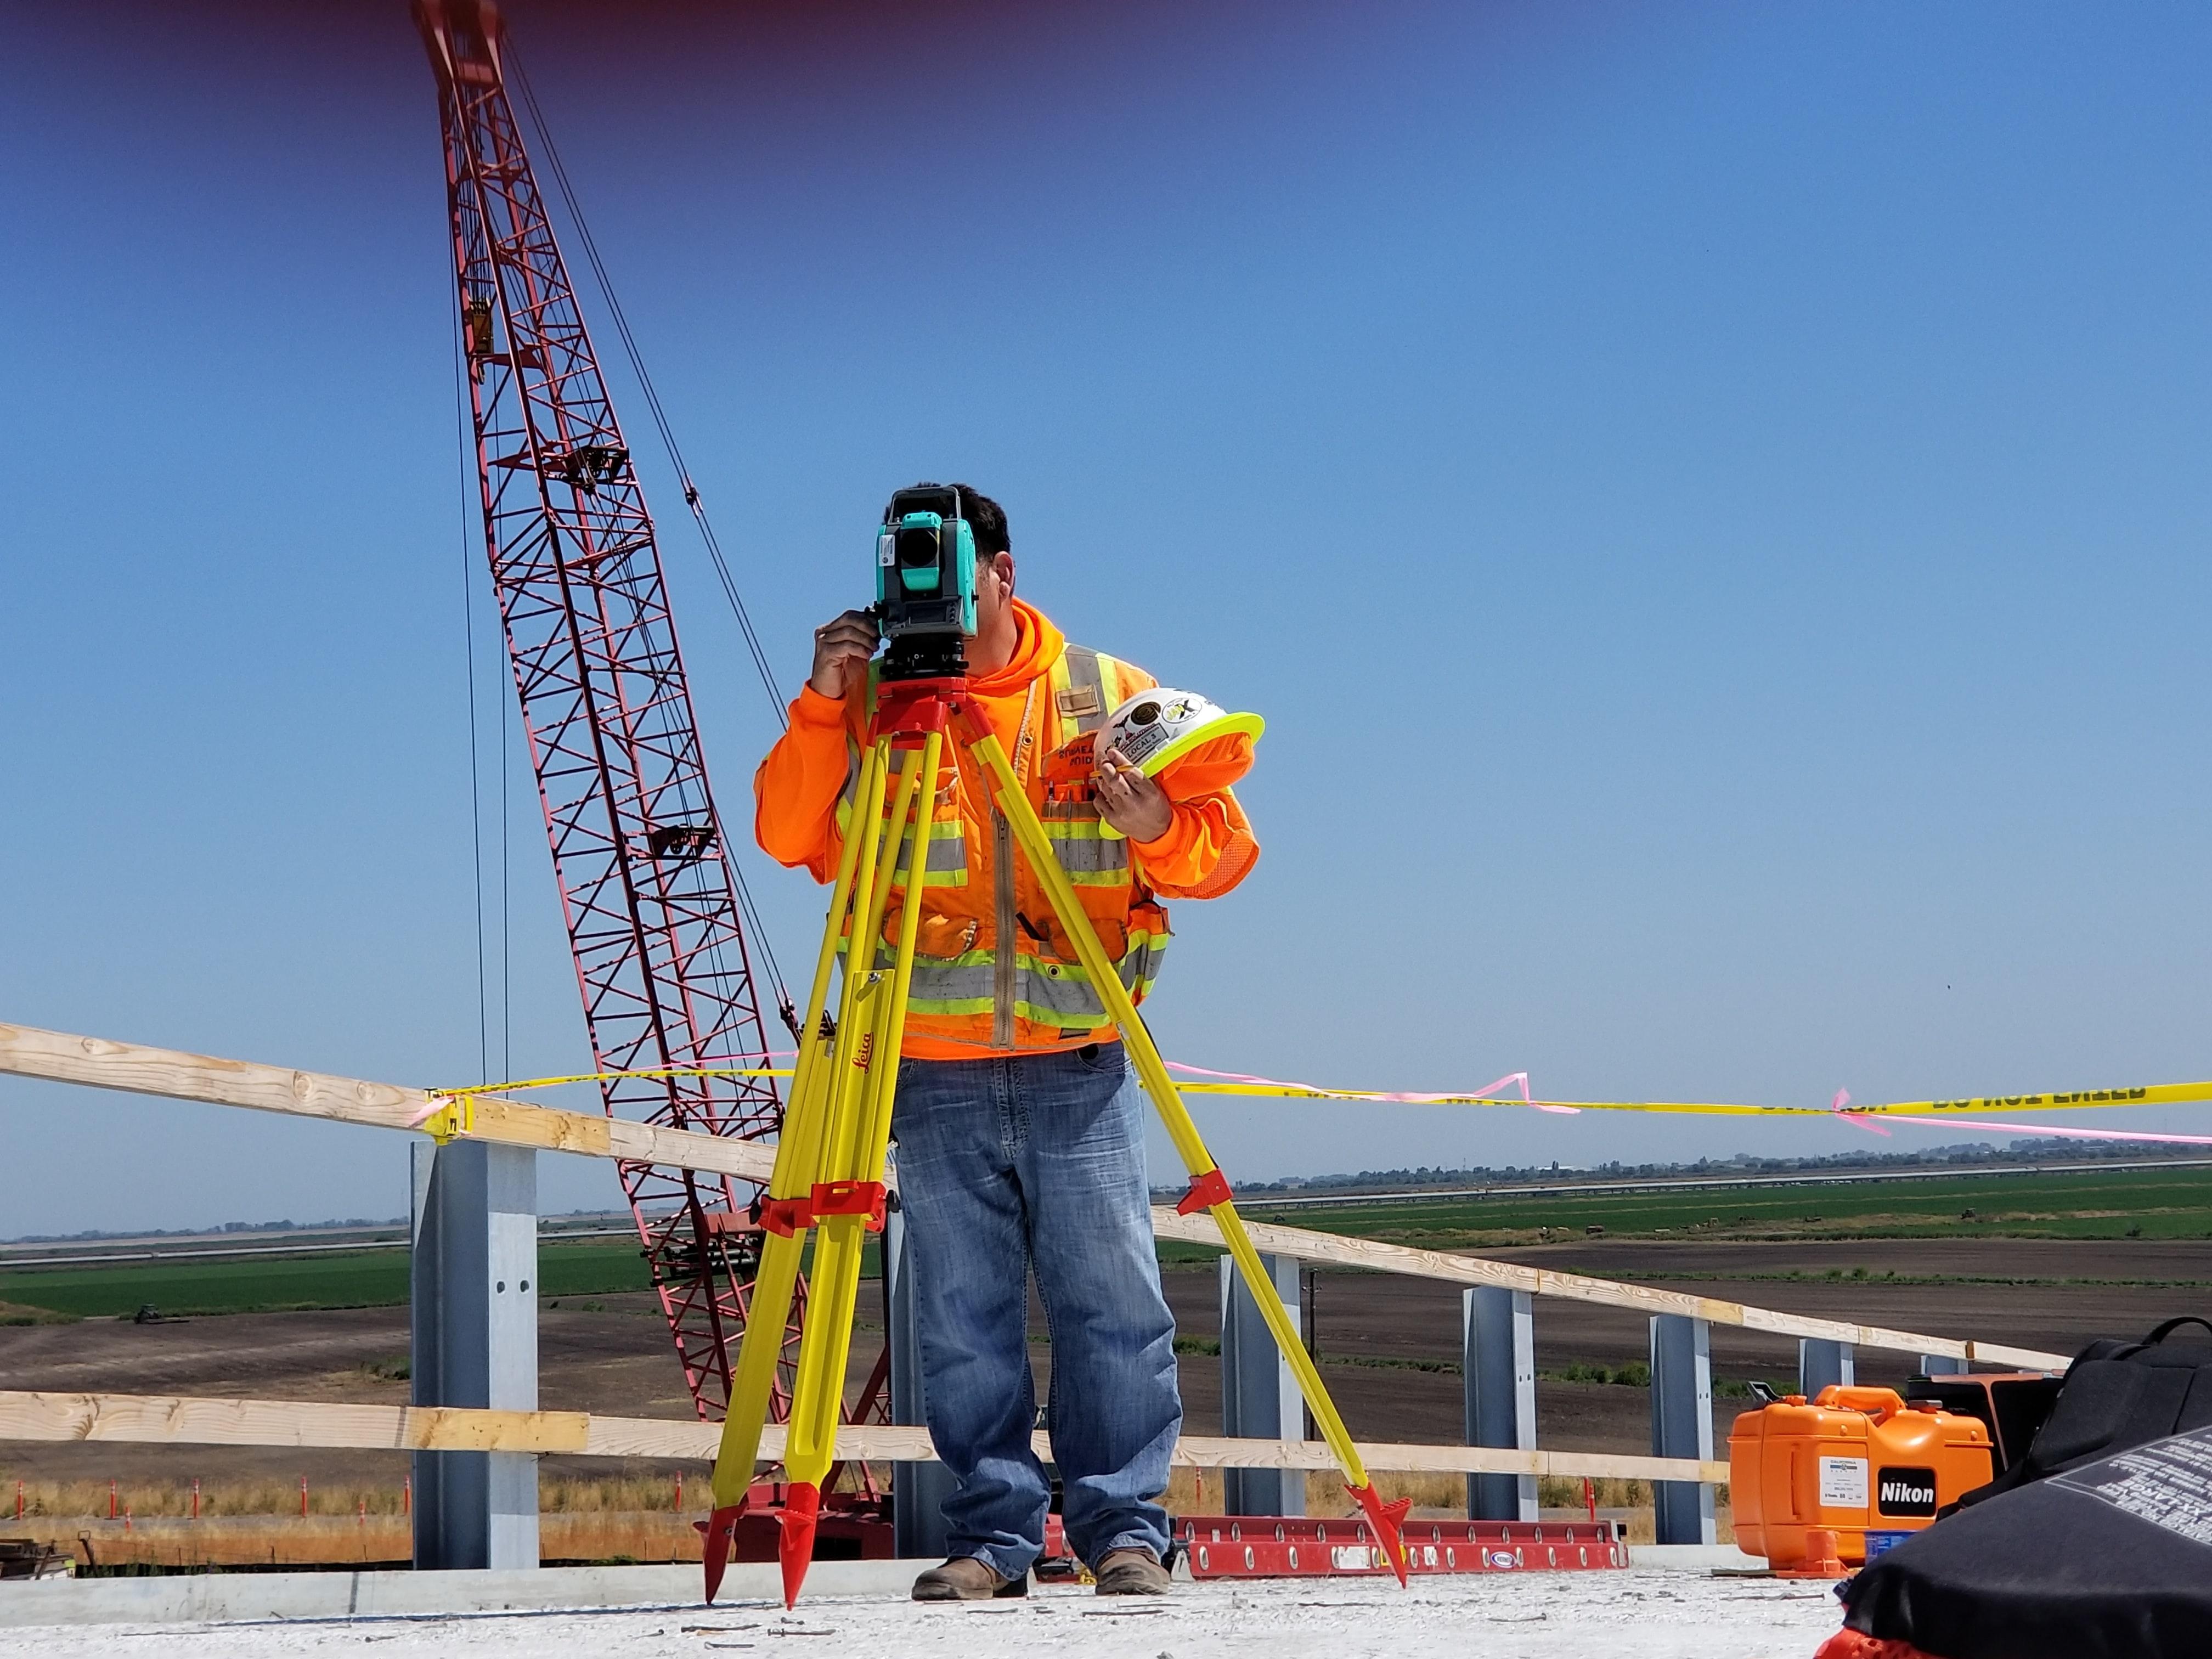 Surveyor - Photo by Scott Blake on Unsplash